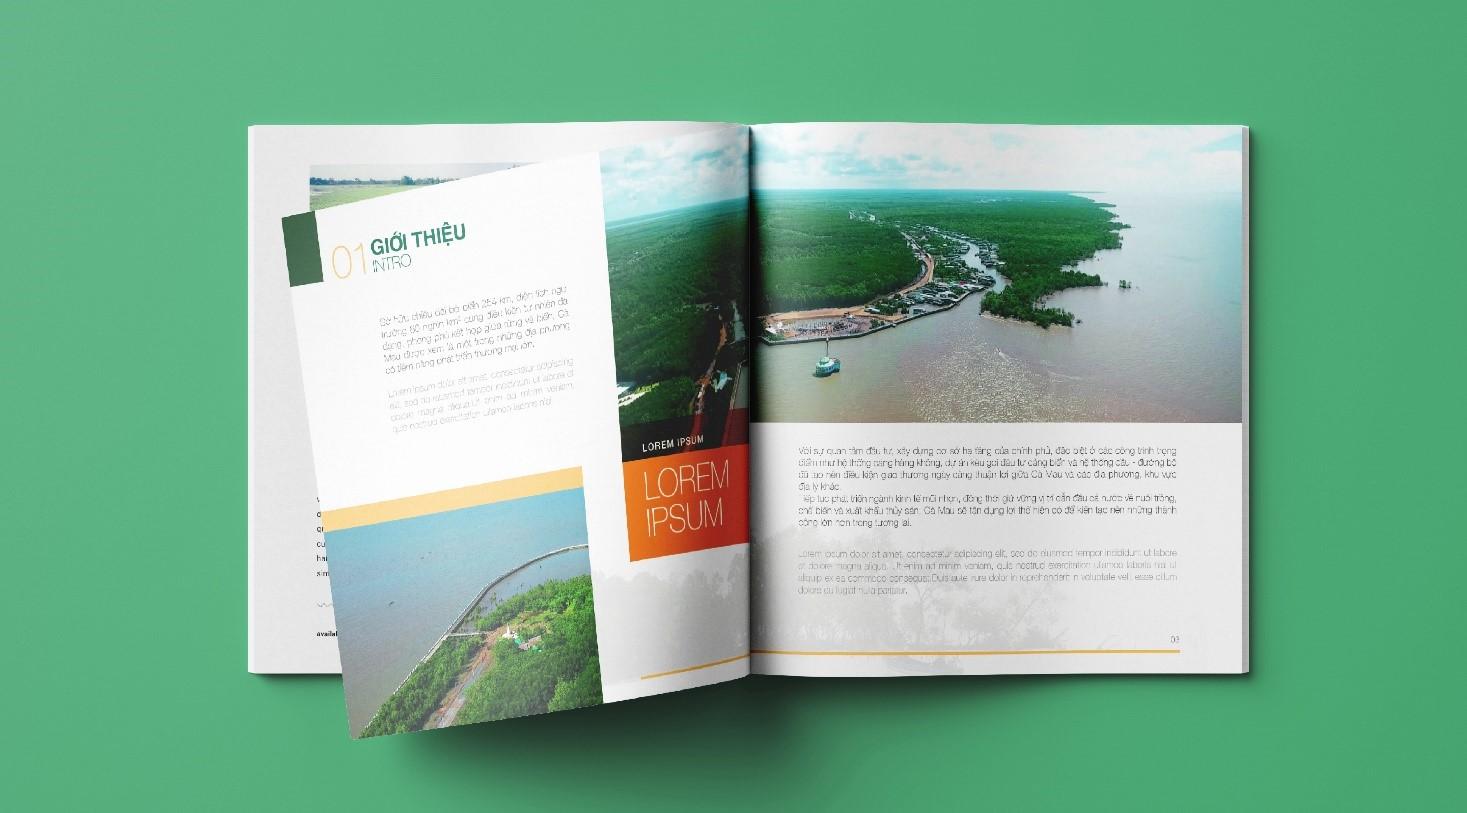 Mẫu hồ sơ năng lực Trung tâm xúc tiến đầu tư Doanh nghiệp tỉnh Cà Mau (2)